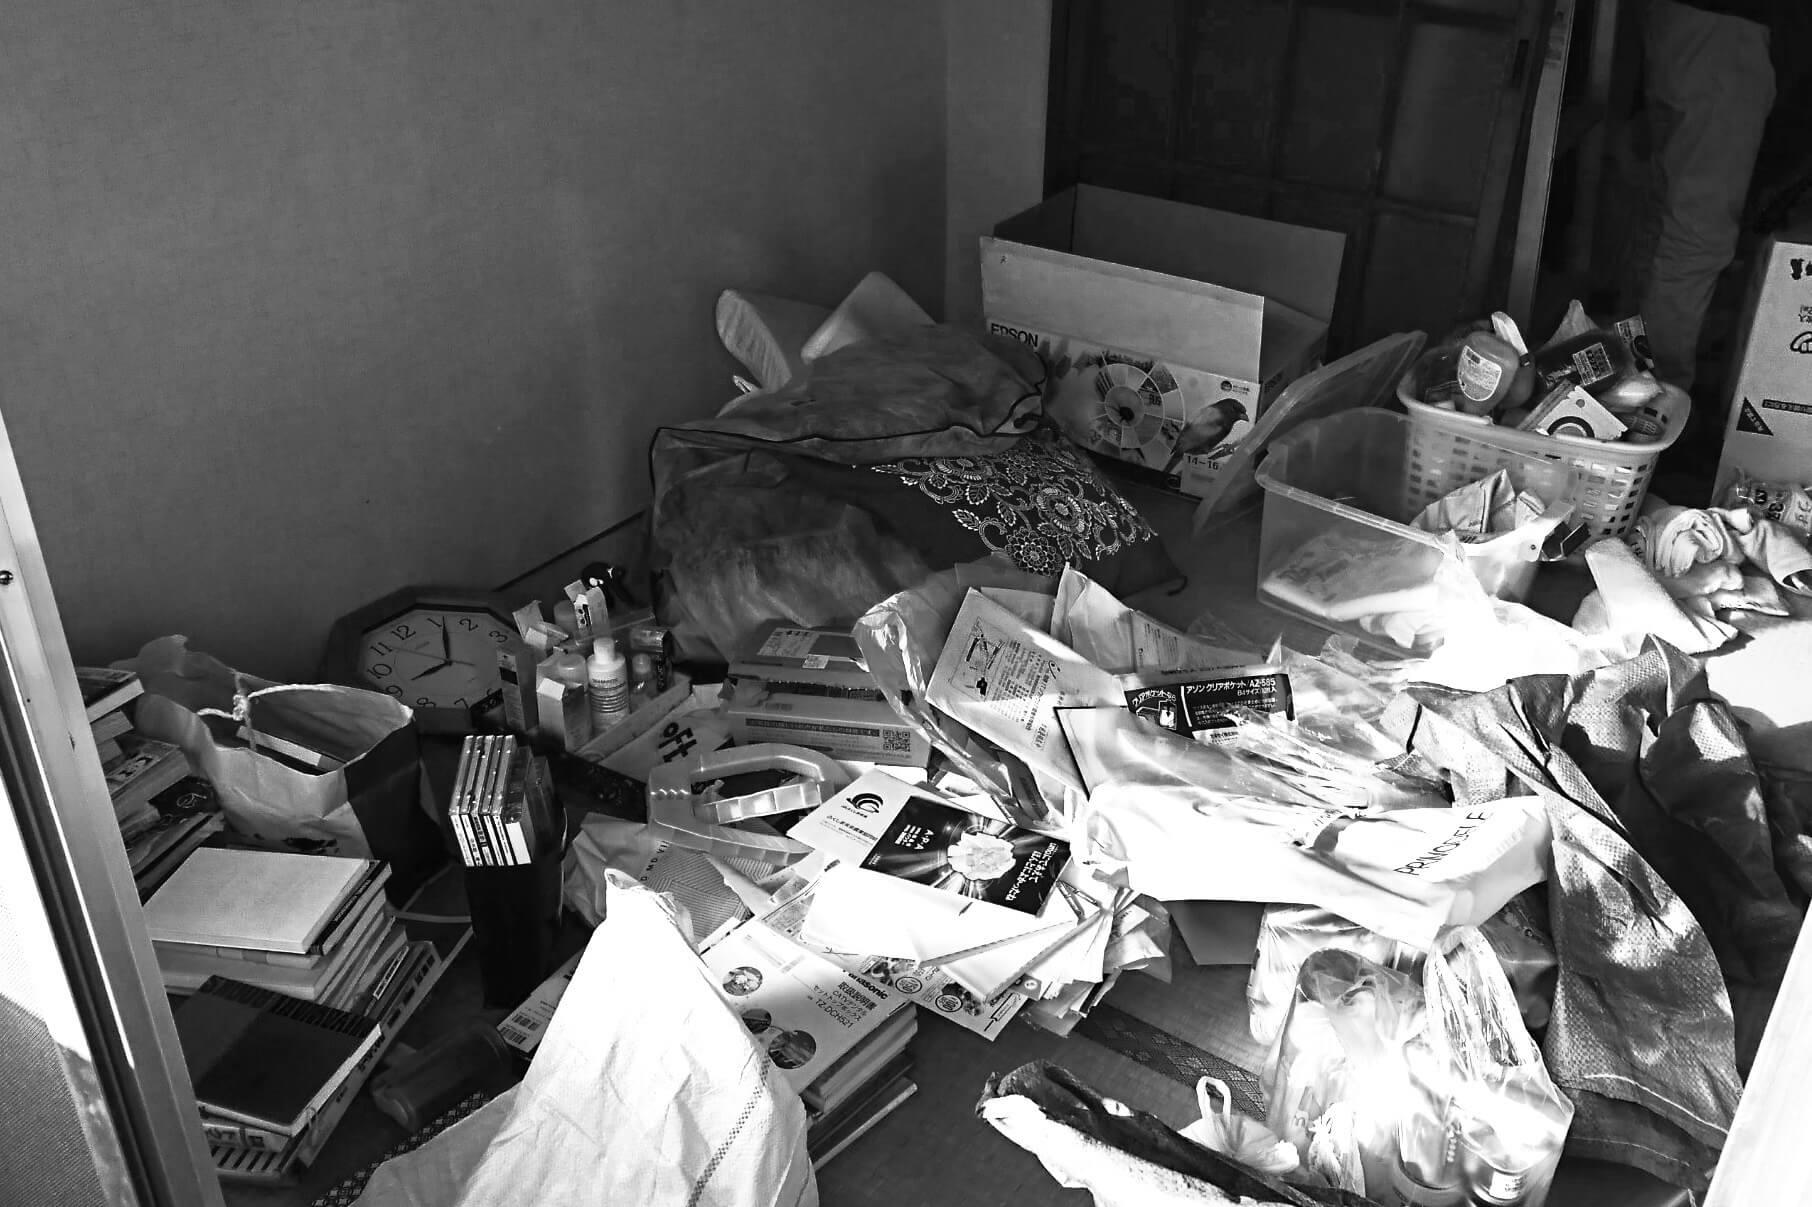 遺品整理業者の見積もりで失敗しない方法(片付いていない部屋の写真)